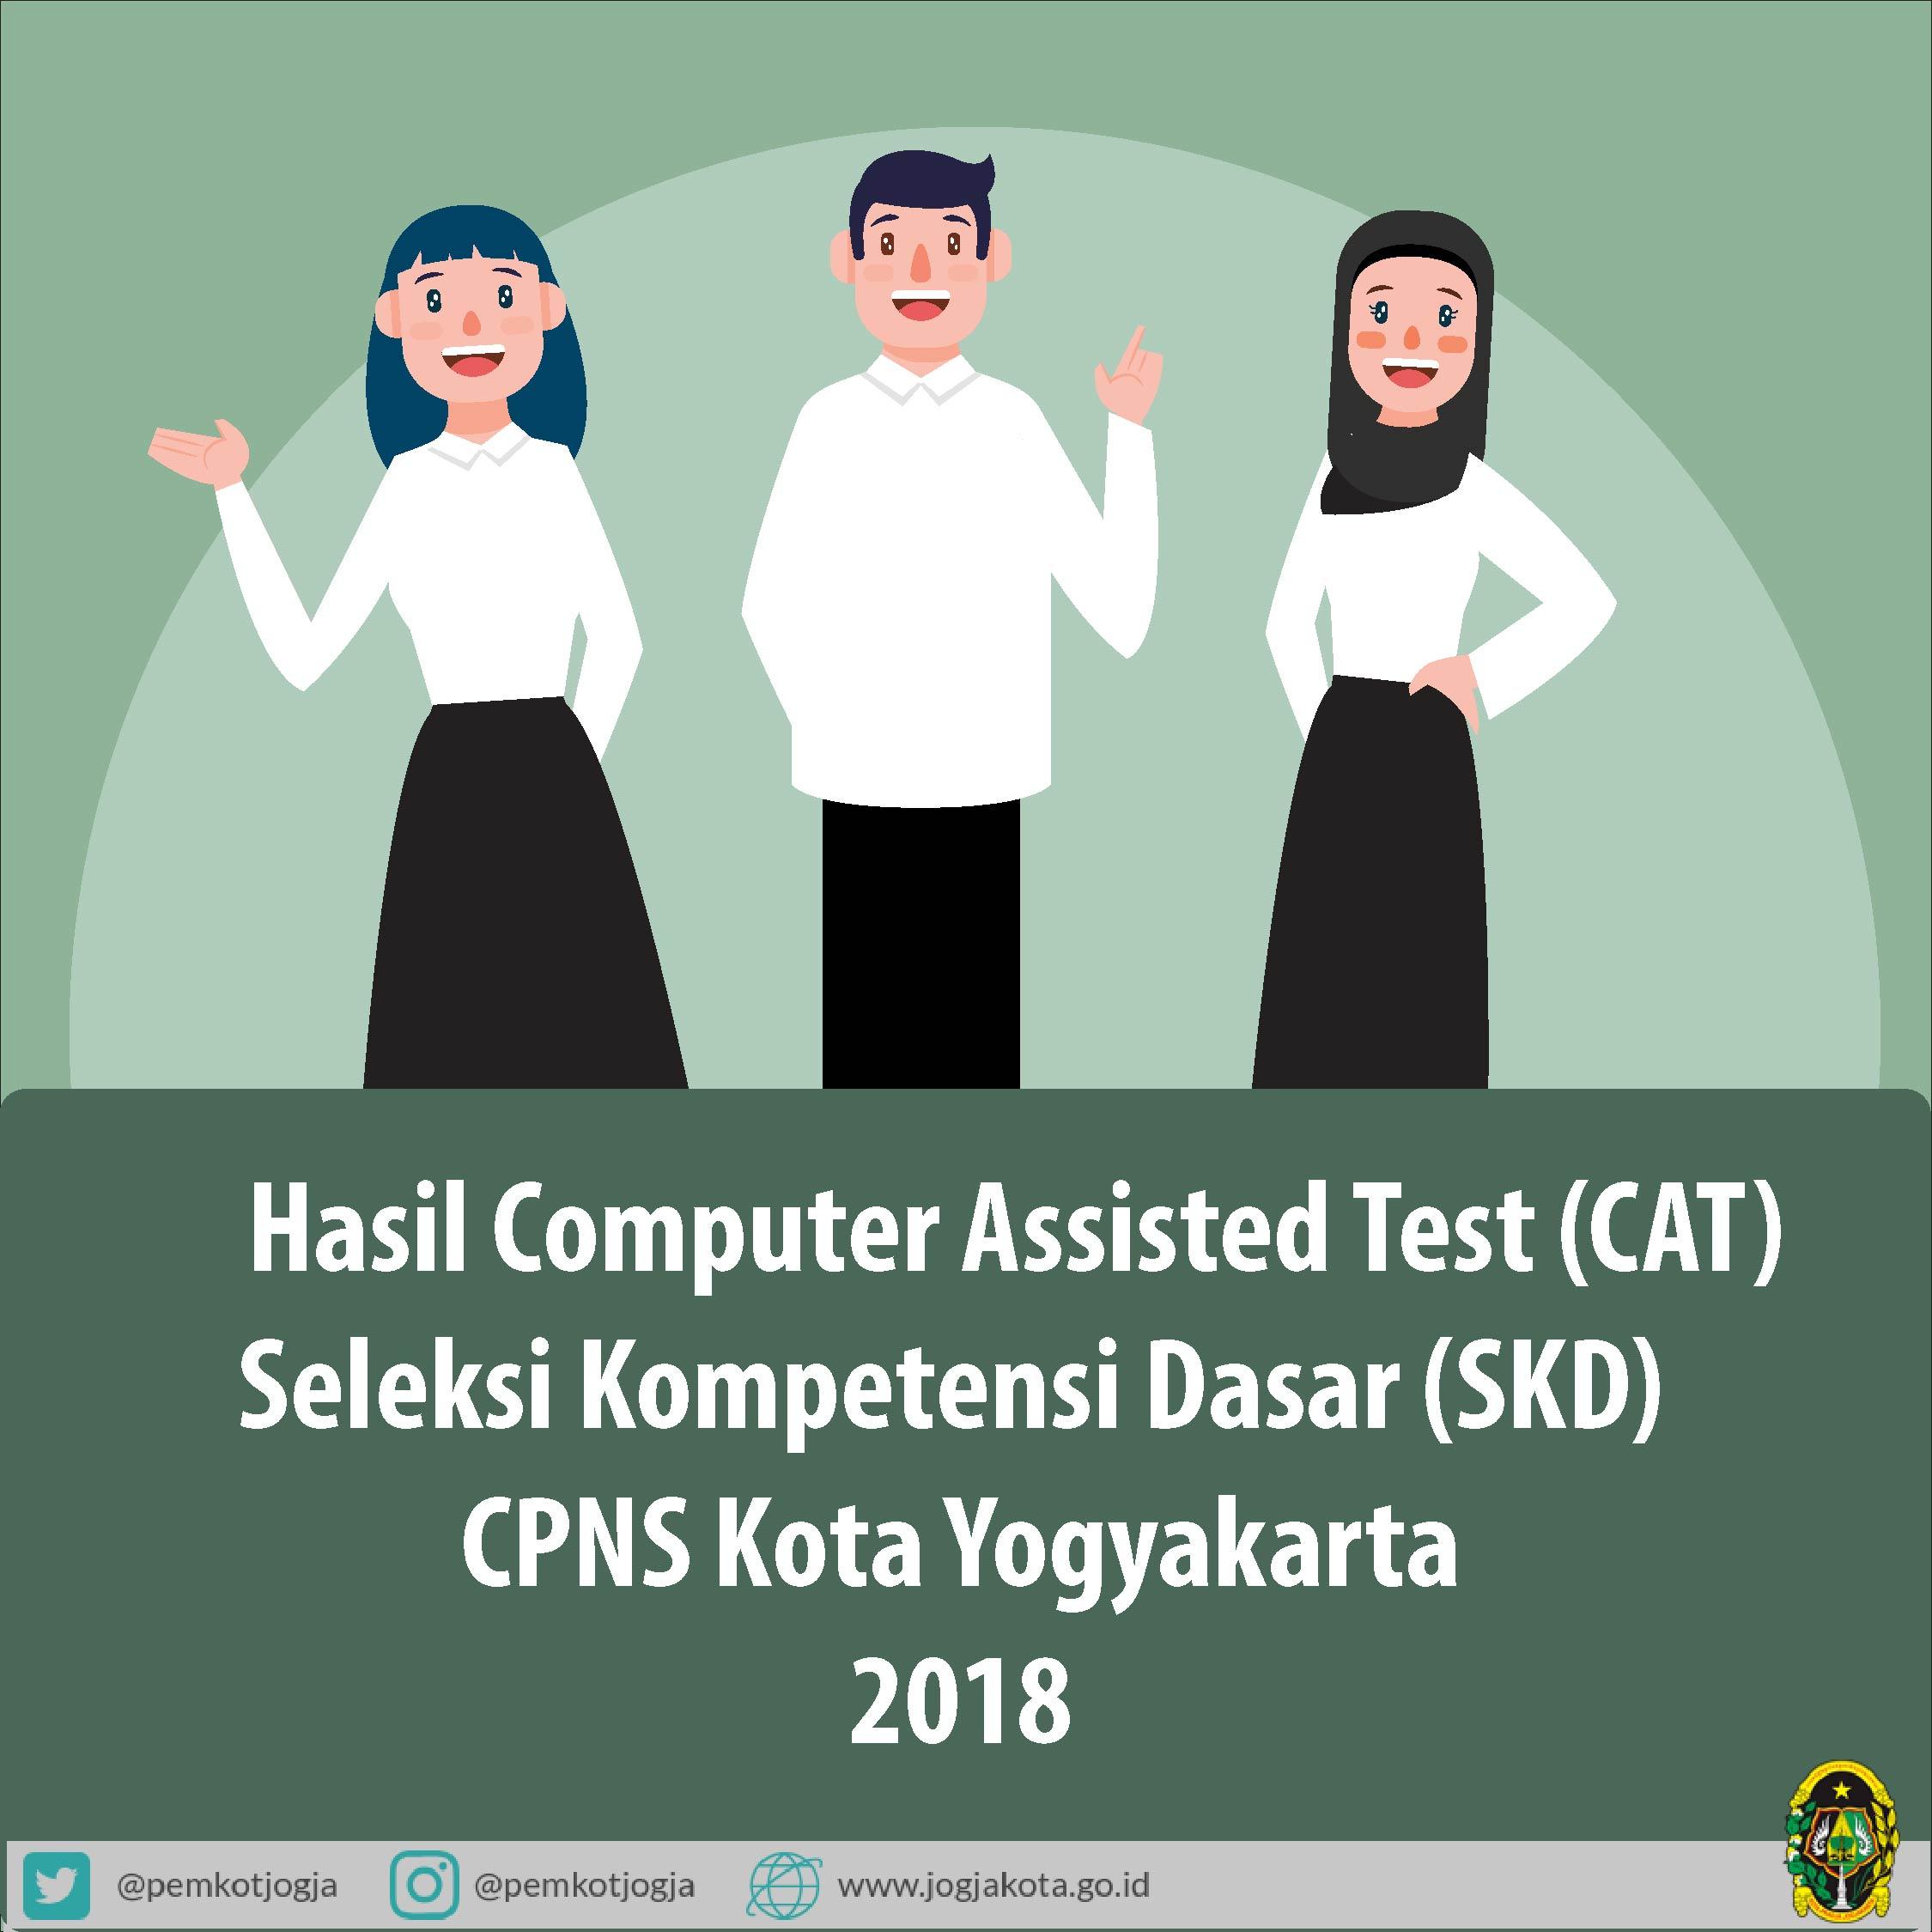 Hasil Computer Assisted Test (CAT) Seleksi Kompetensi Dasar (SKD) CPNS TA 2018